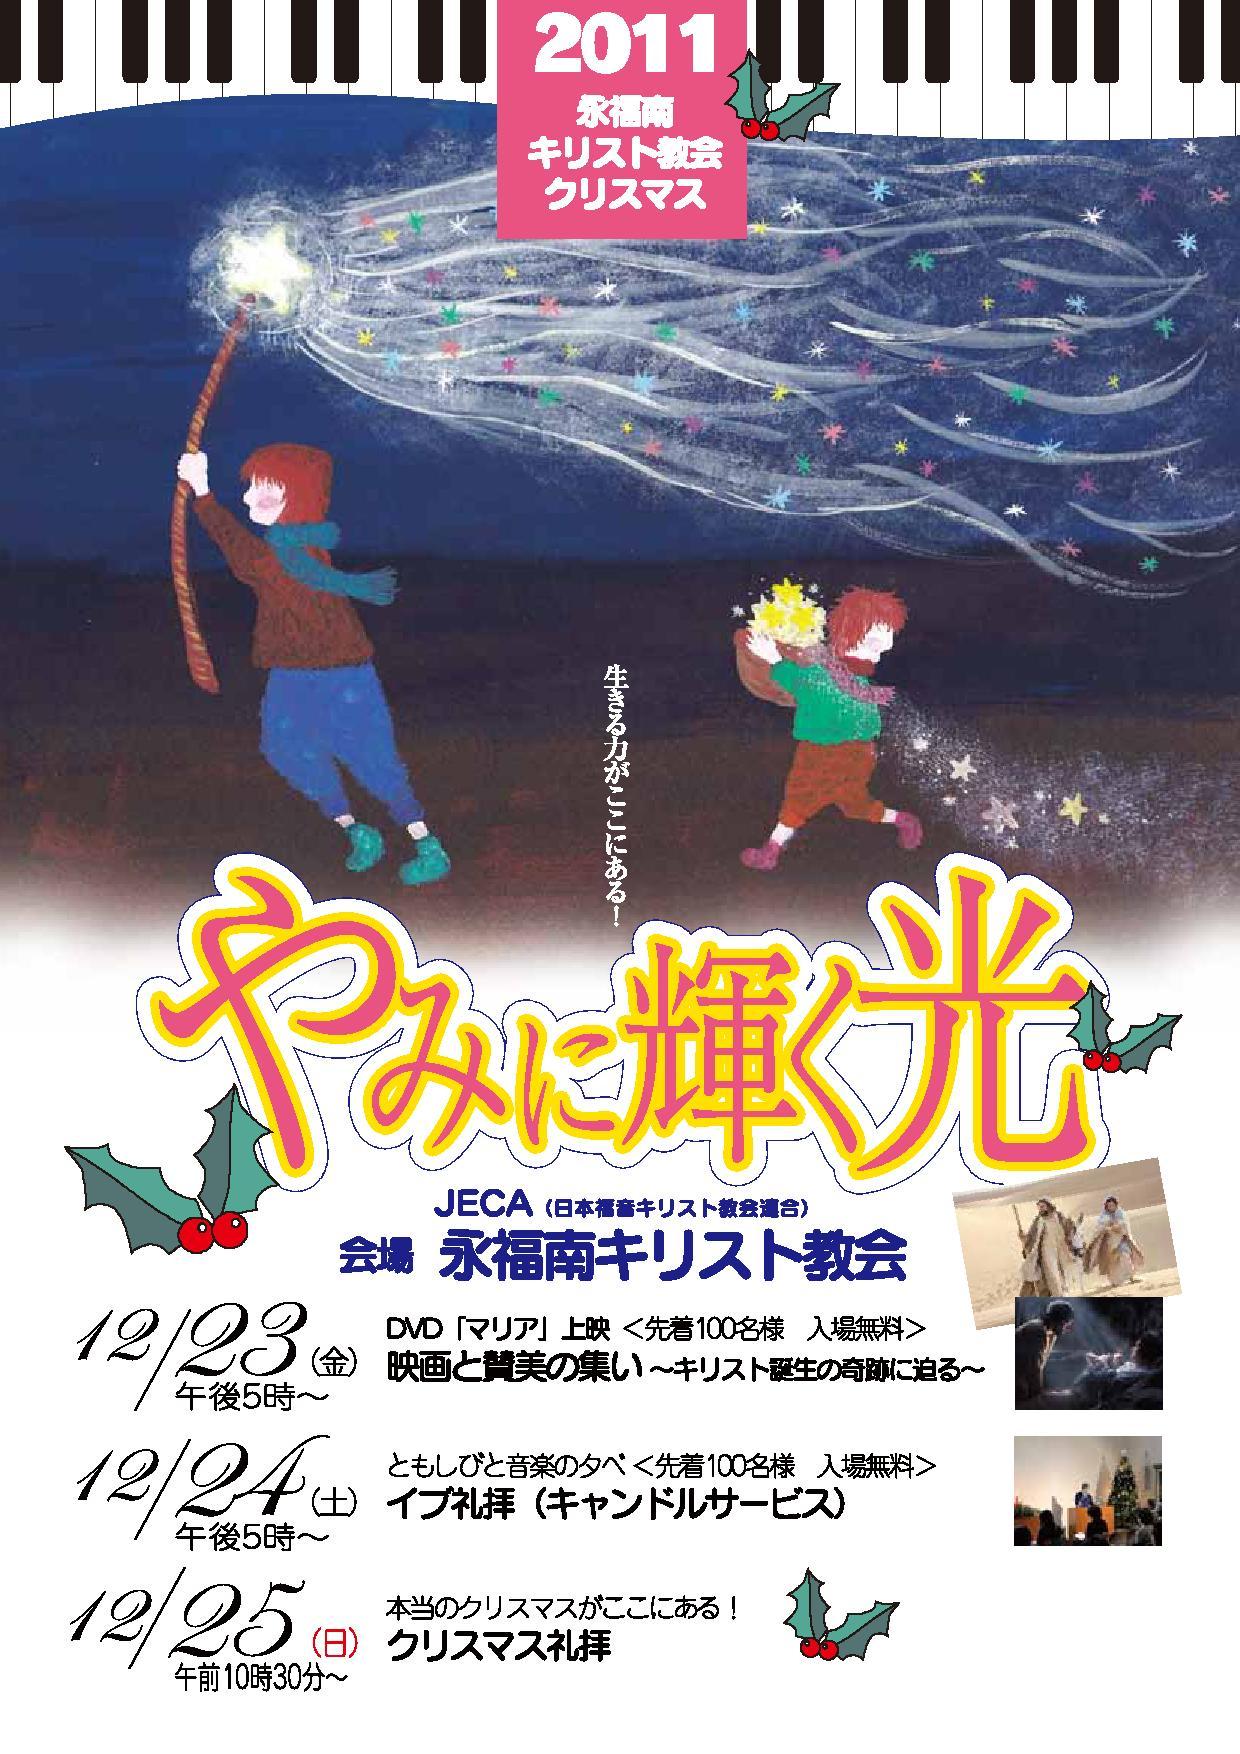 2011クリスマス集会 12月17日(土)-18日(日)、23日(金)~25日(日)